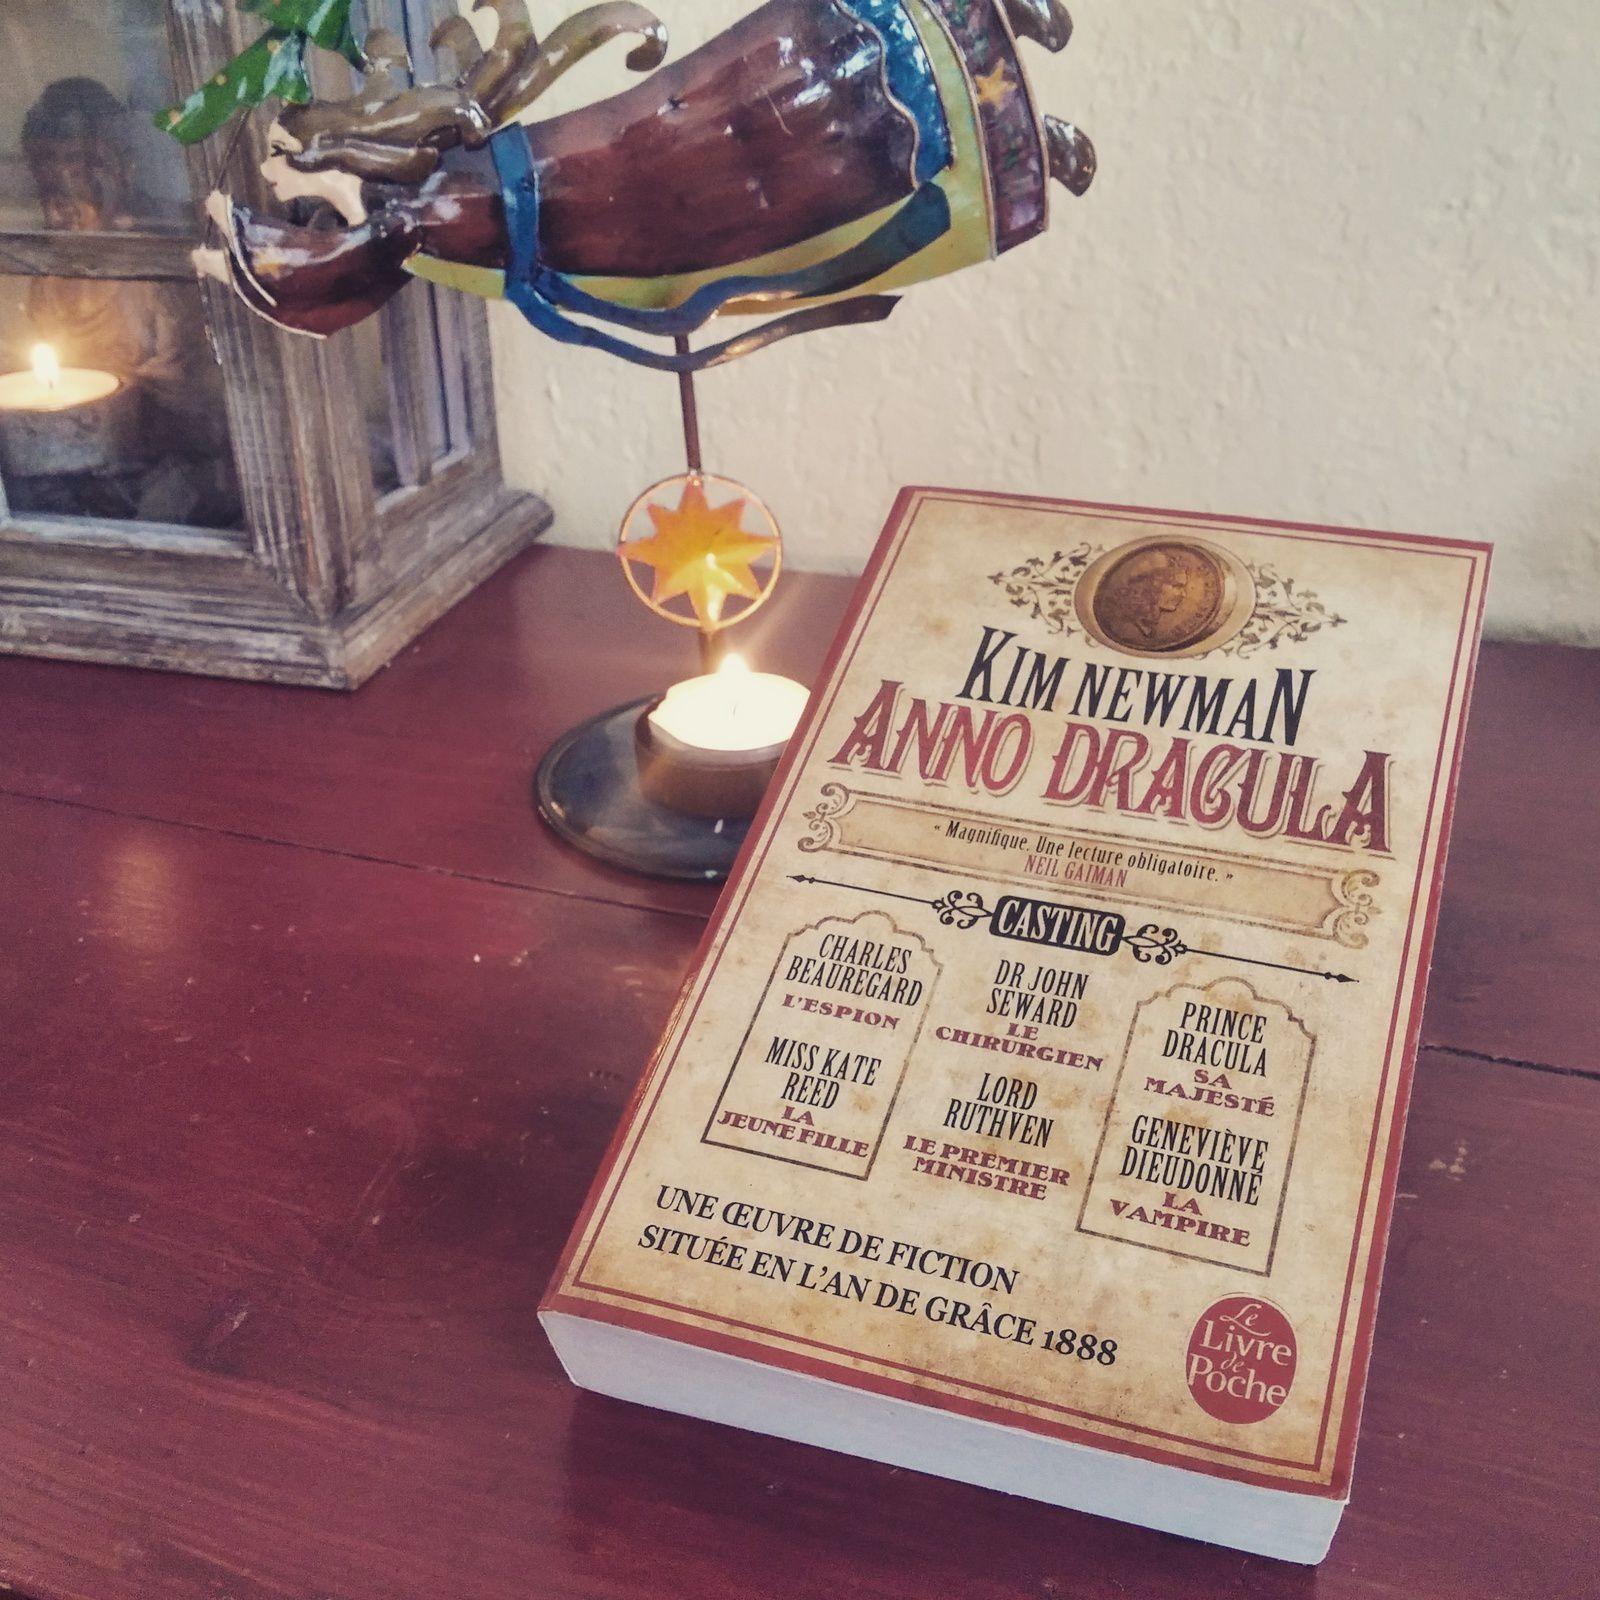 JOUR 9 du #neverlandpbc de Décembre 2016 : un #livre dont le nom de l'auteur commence par N... #annodracula de #kimnewman